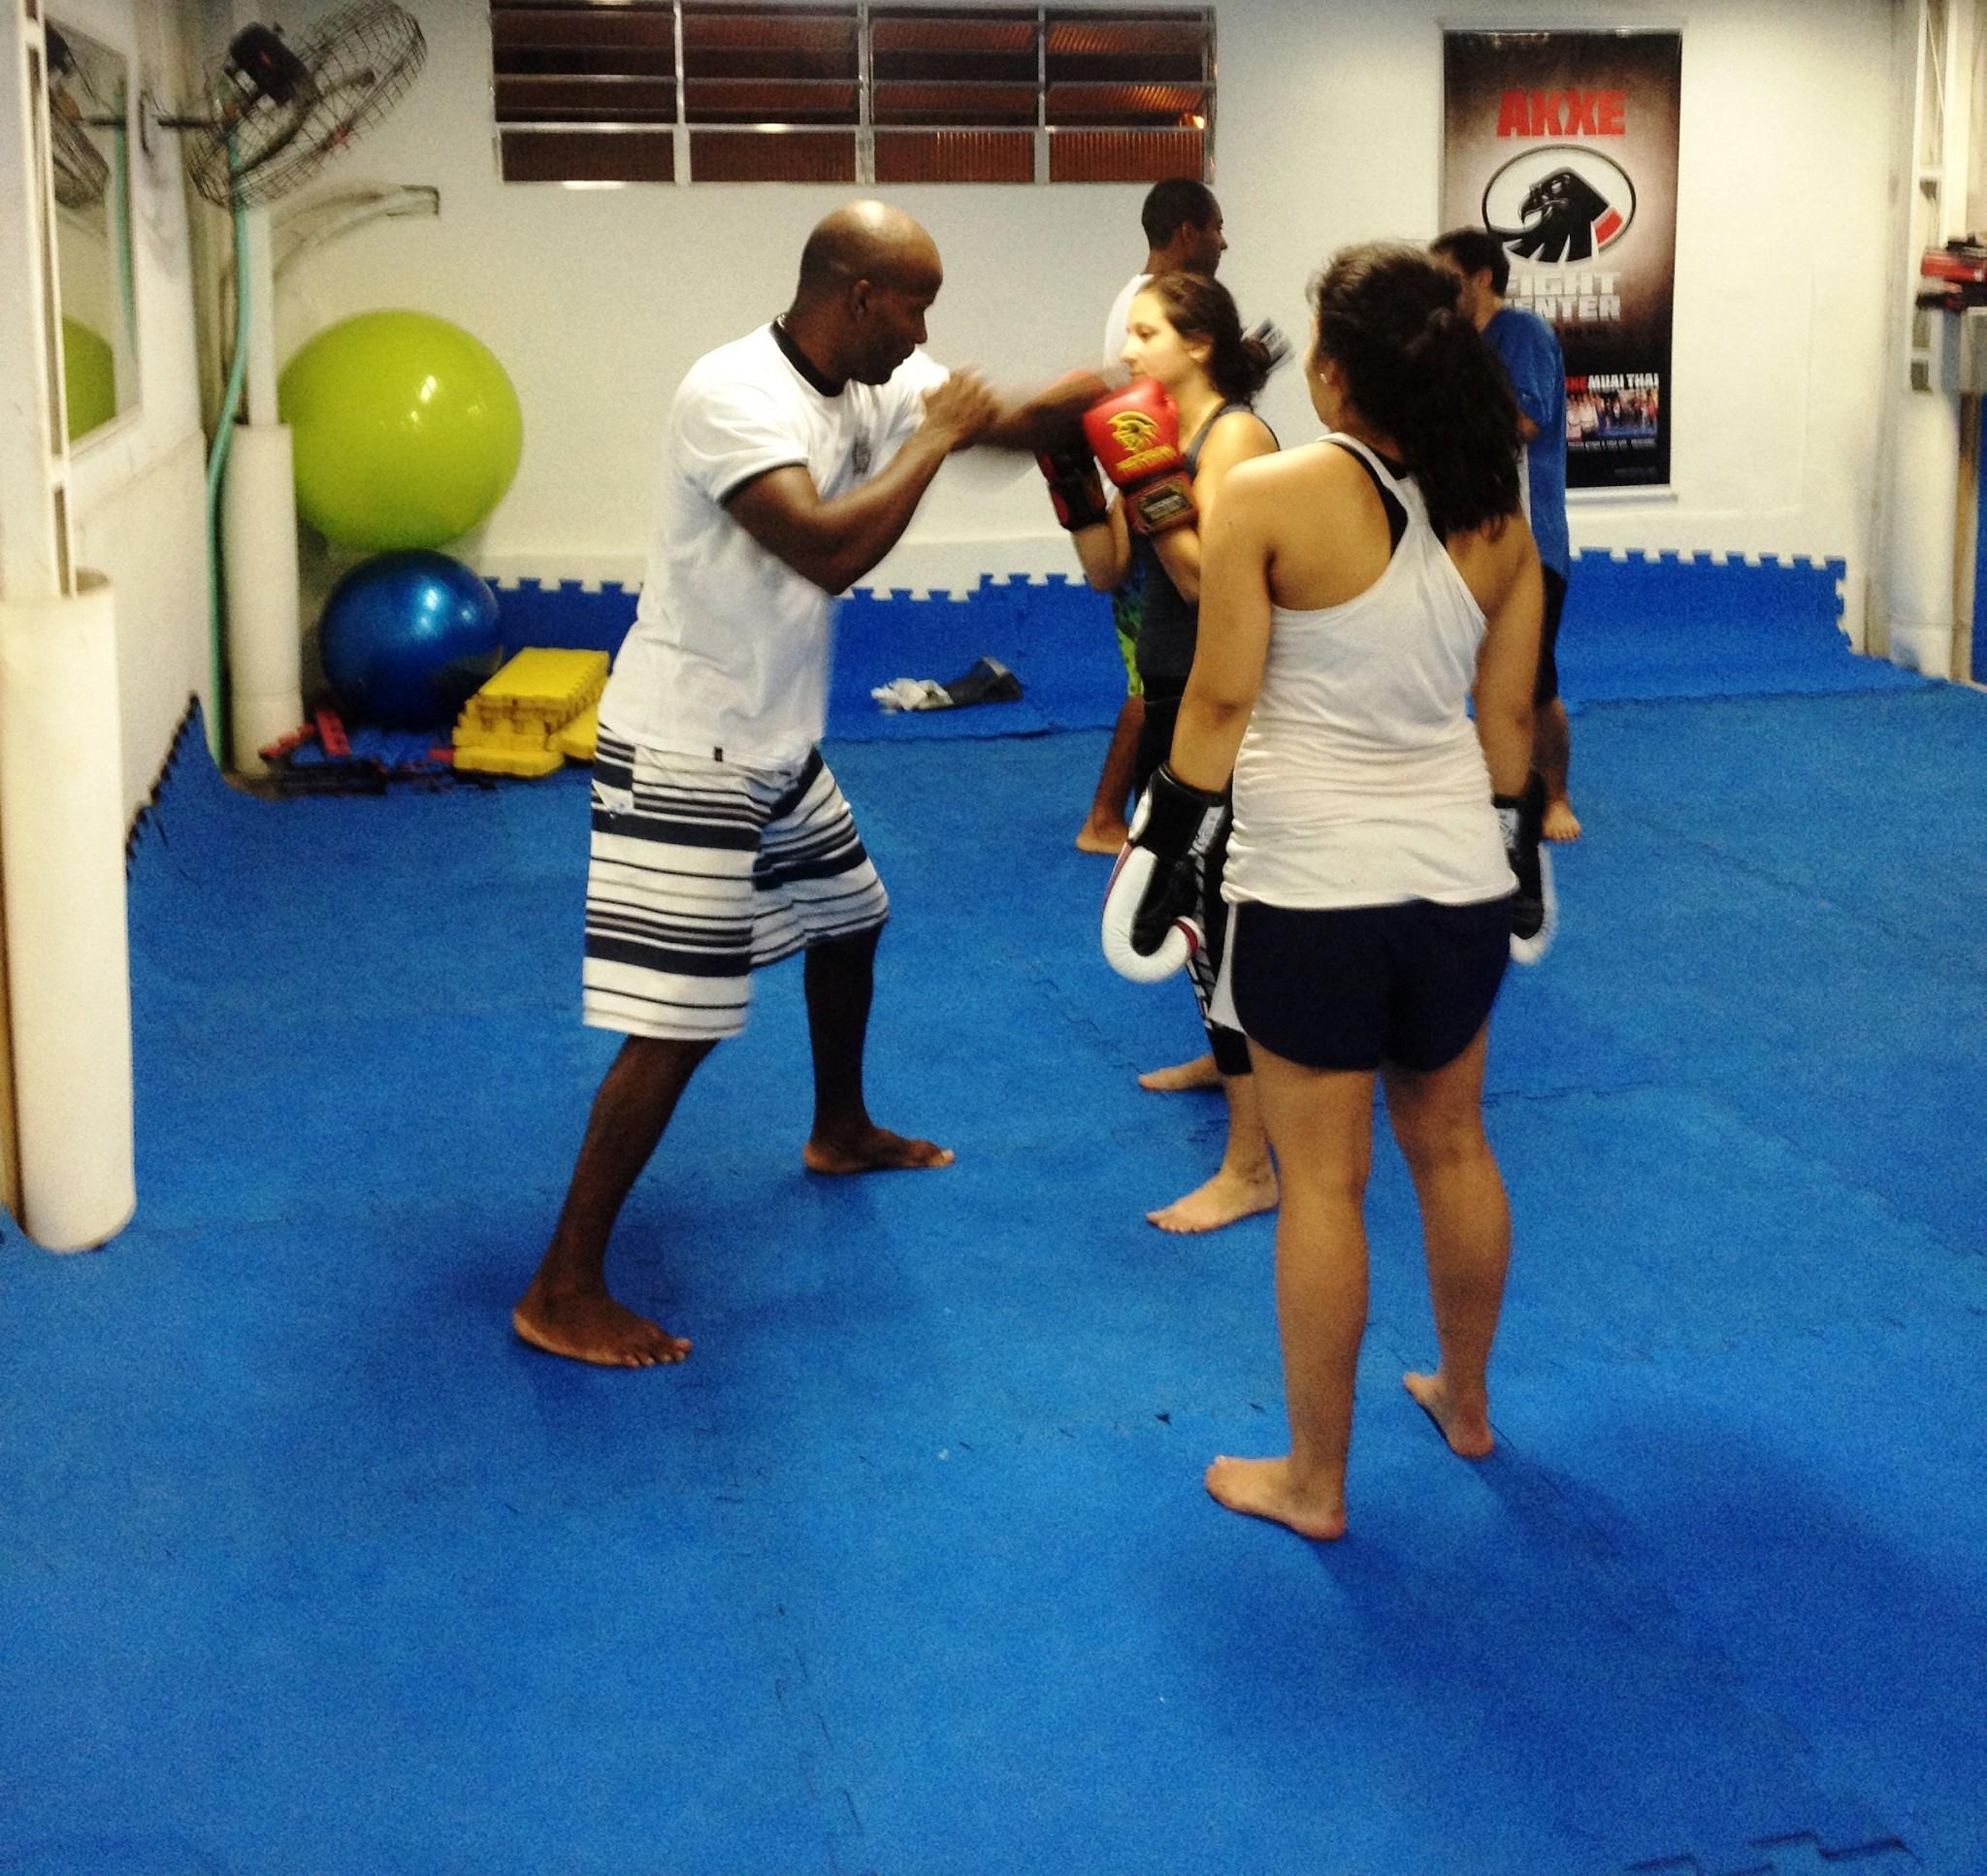 boxe-botafogo-luciano-master-lutas-1